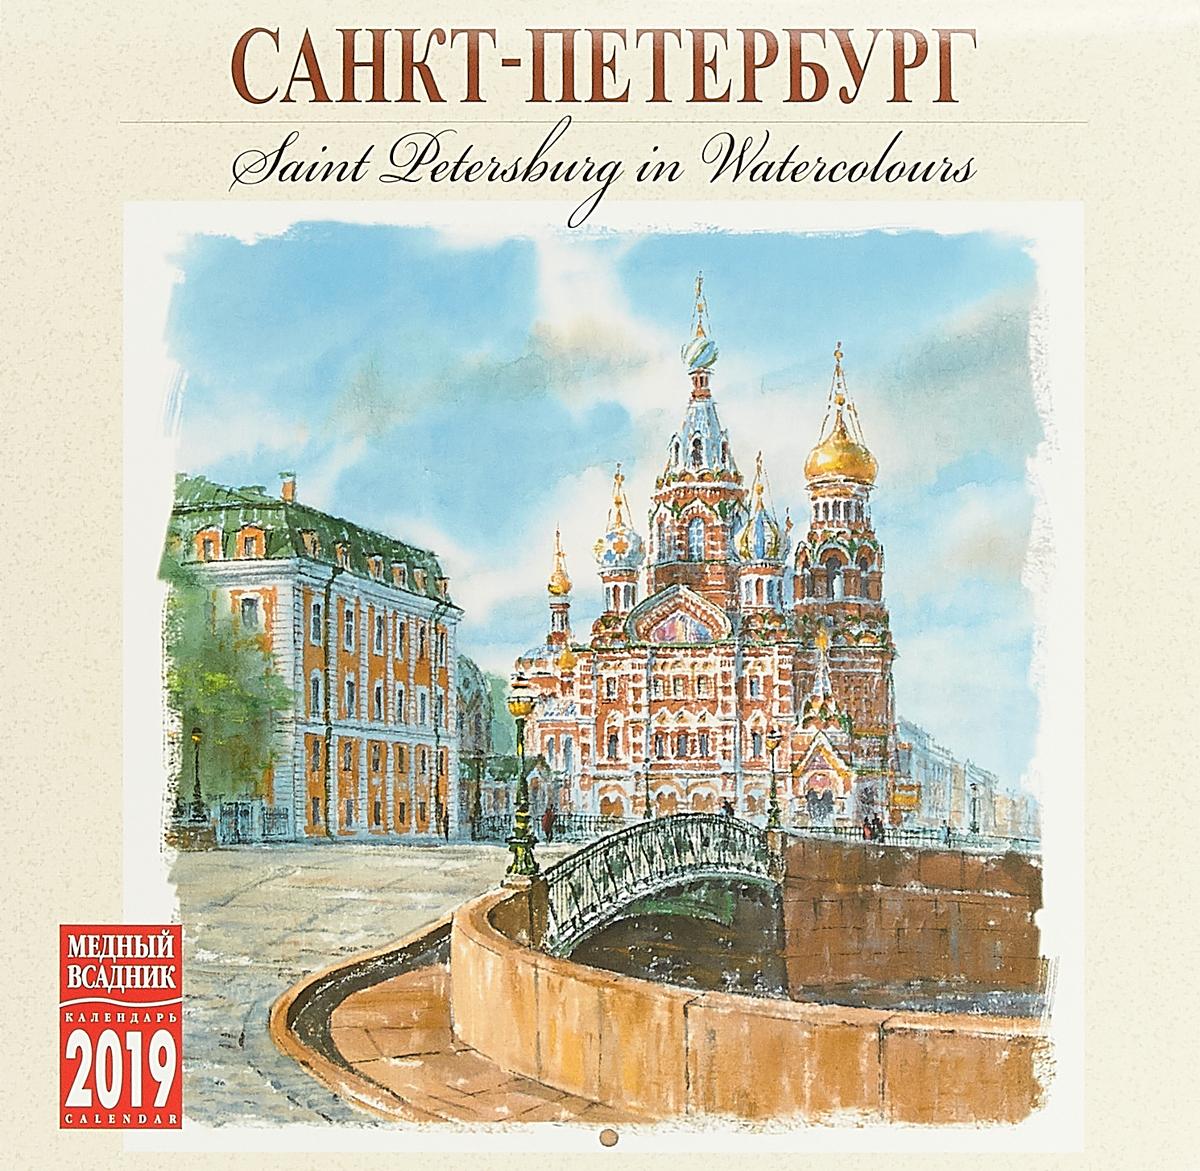 купить Календарь на скрепке на 2019 год. Санкт-Петербург. Акварель по цене 187 рублей